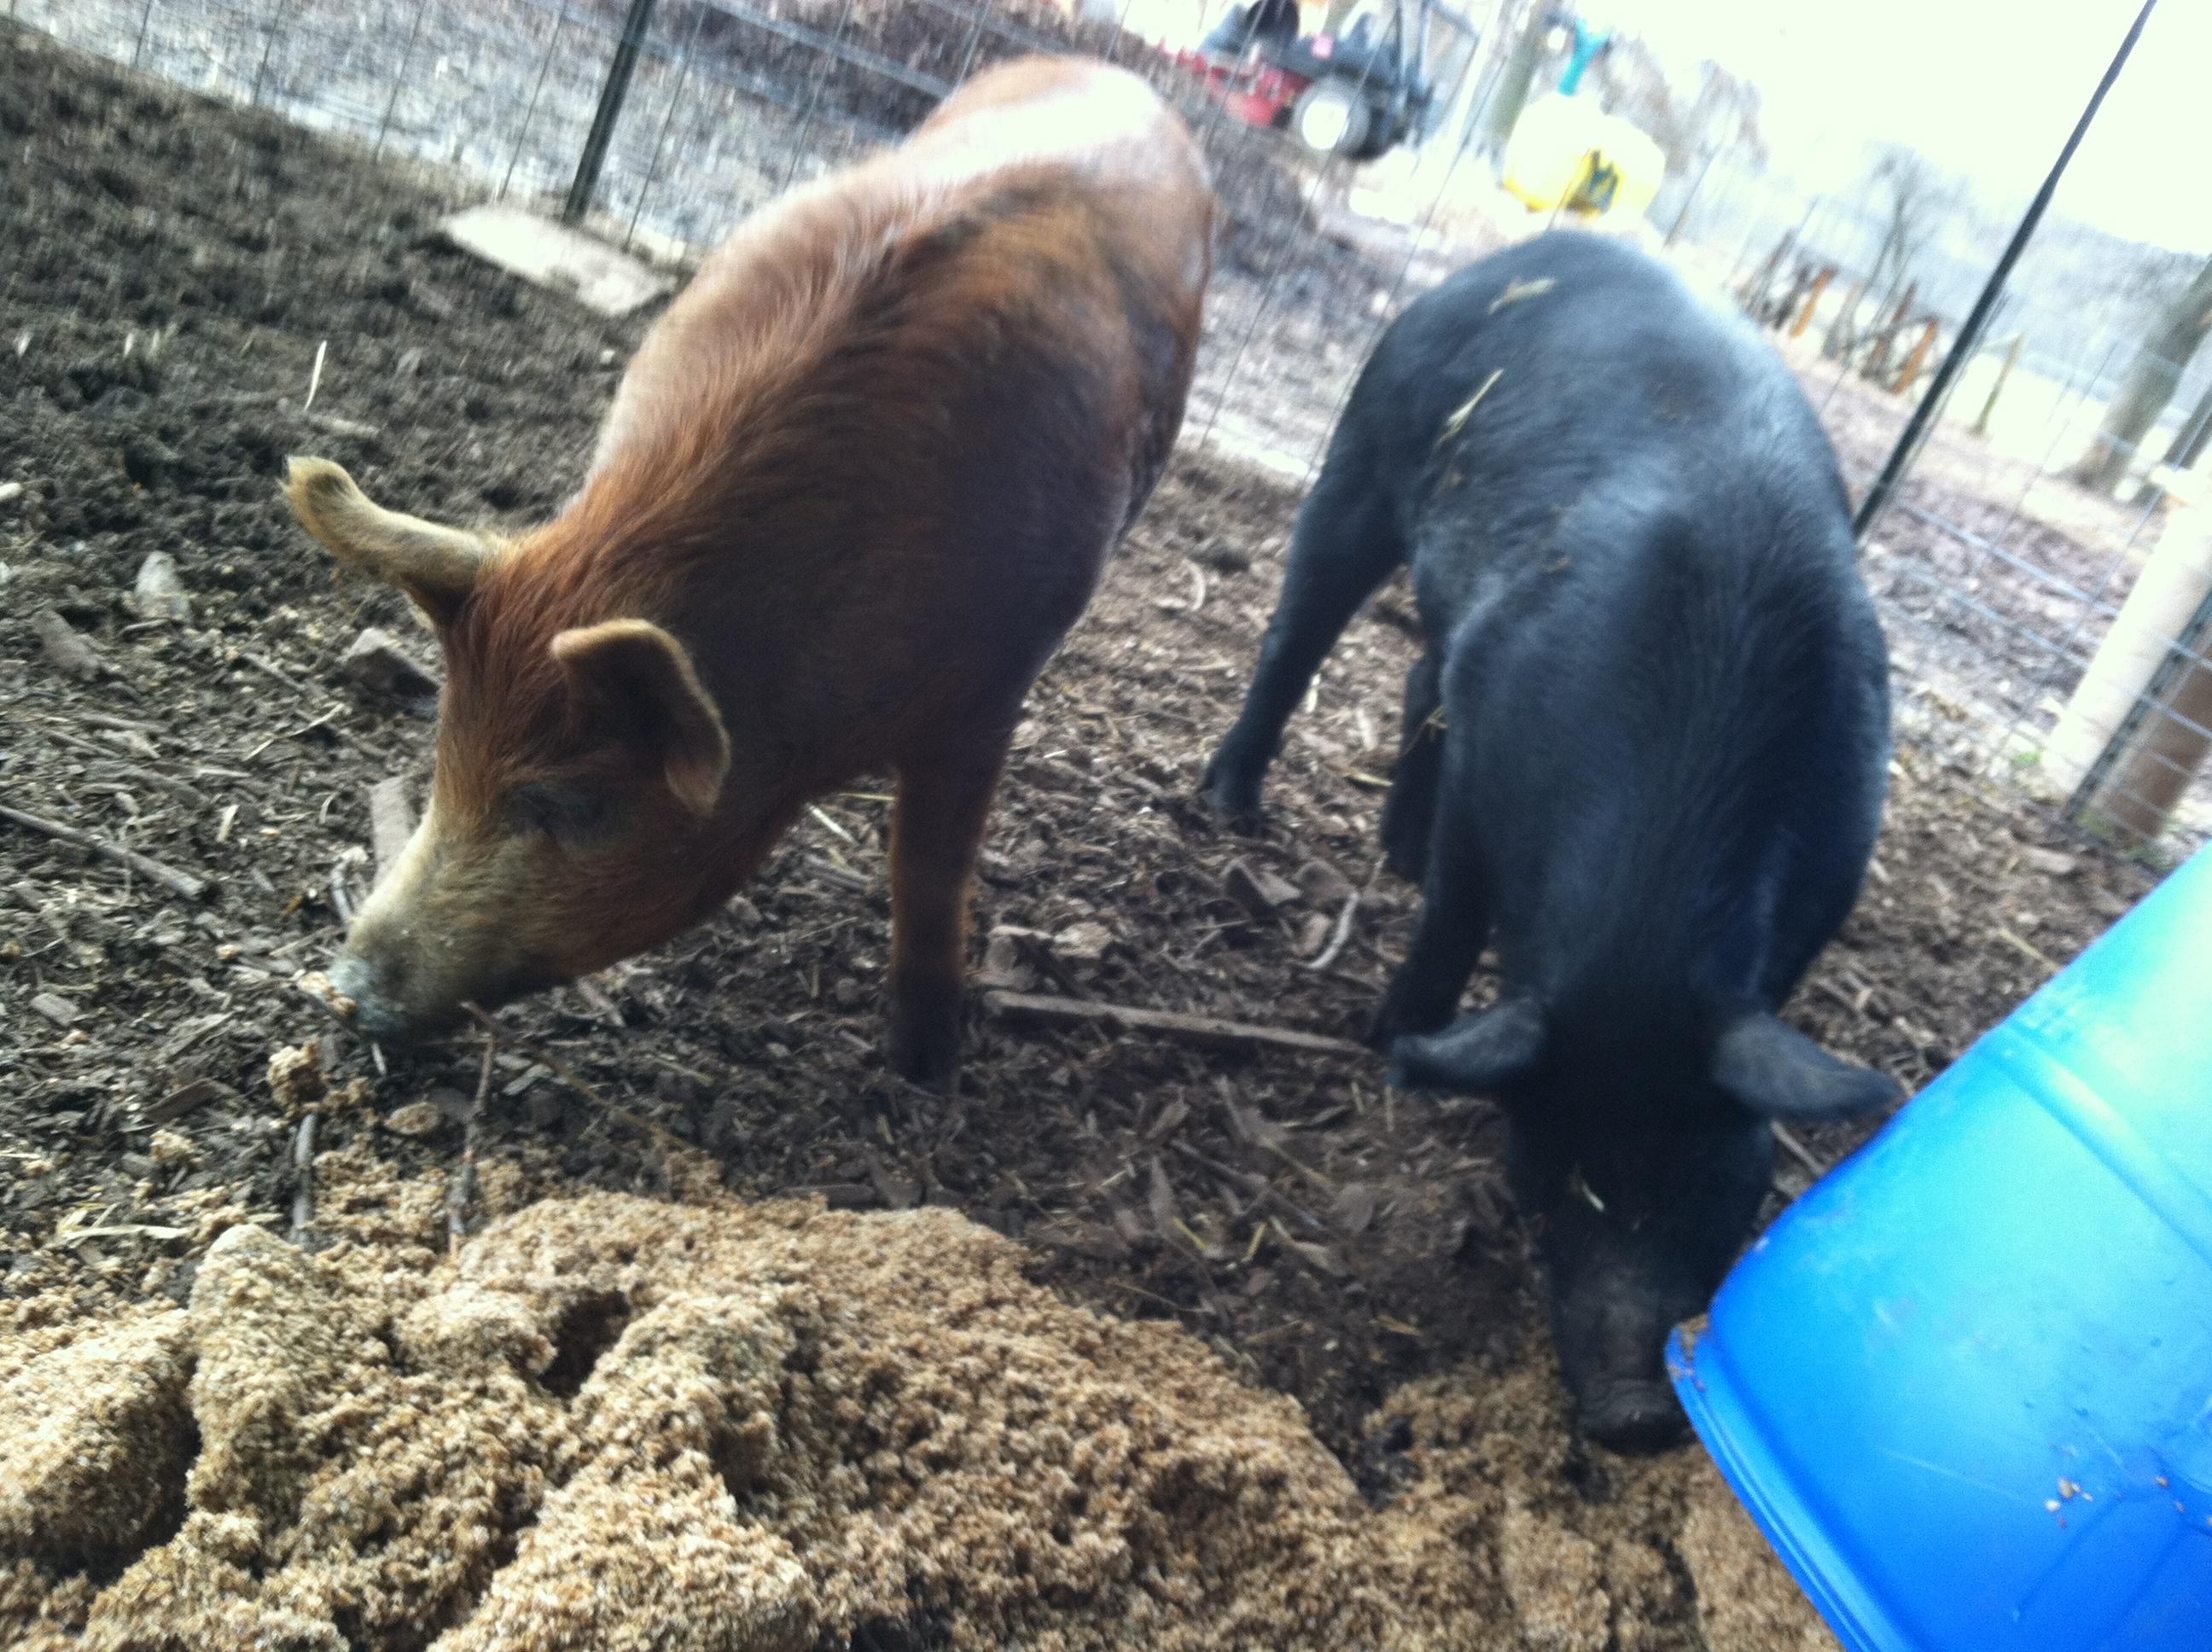 Caption: Pigs at Rocklands Farm go hog wild over spent grain., Credit: Rebecca Sheir